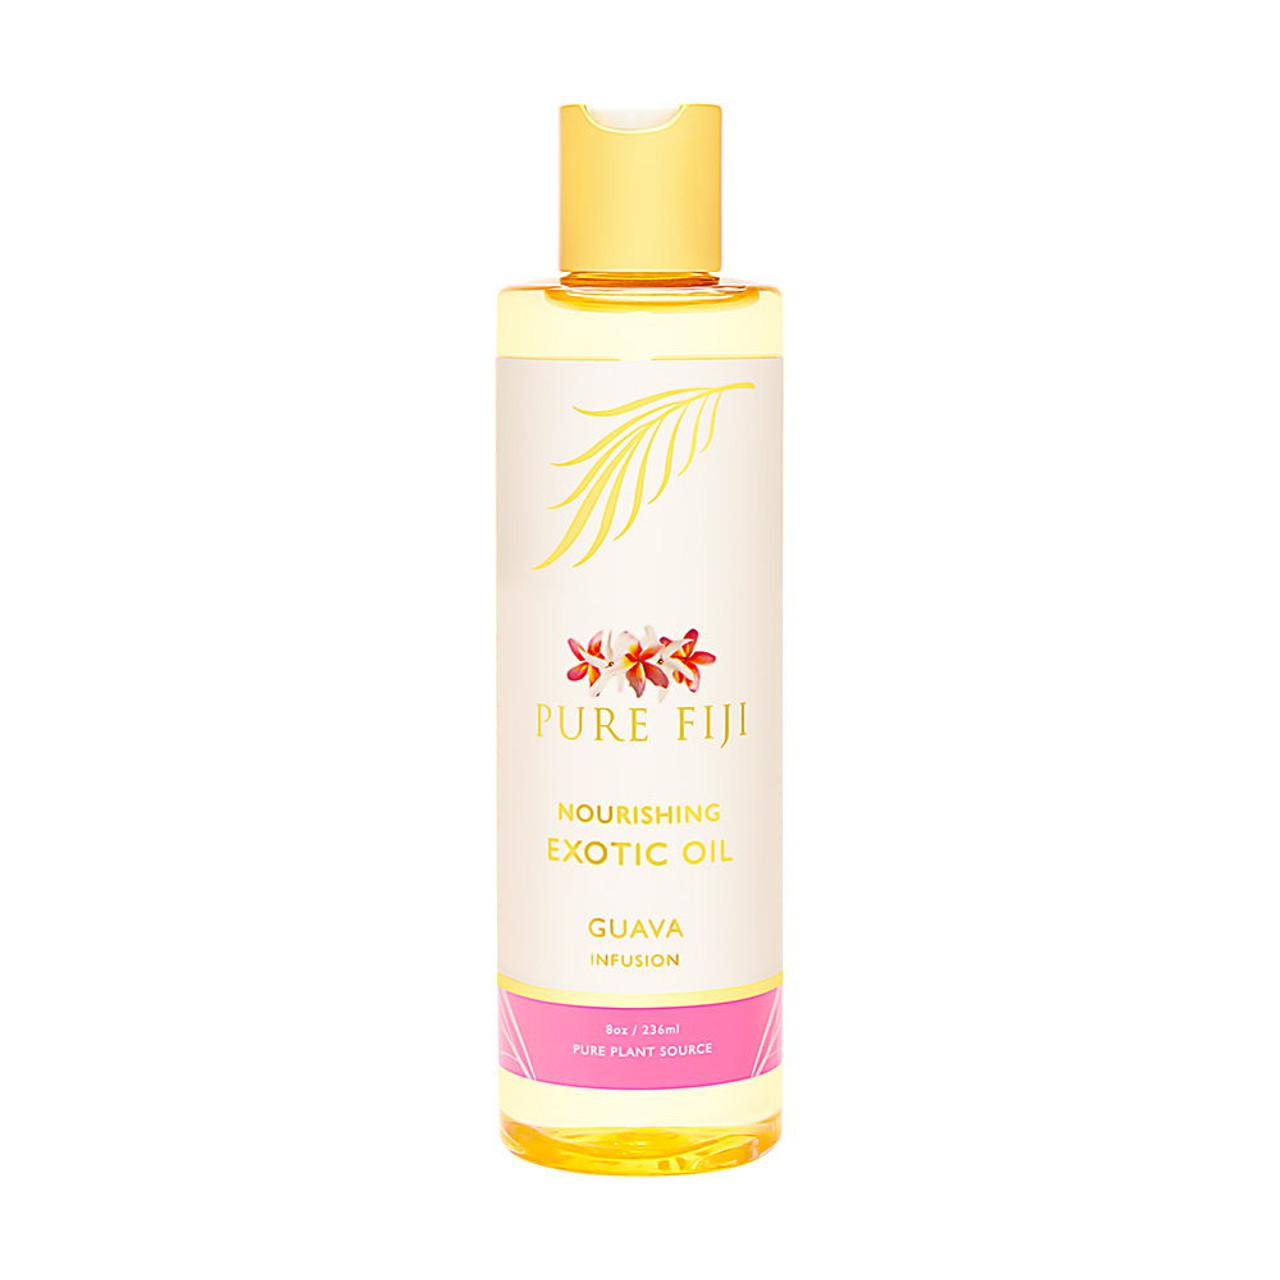 Pure Fiji Exotic Massage Oil - Guava